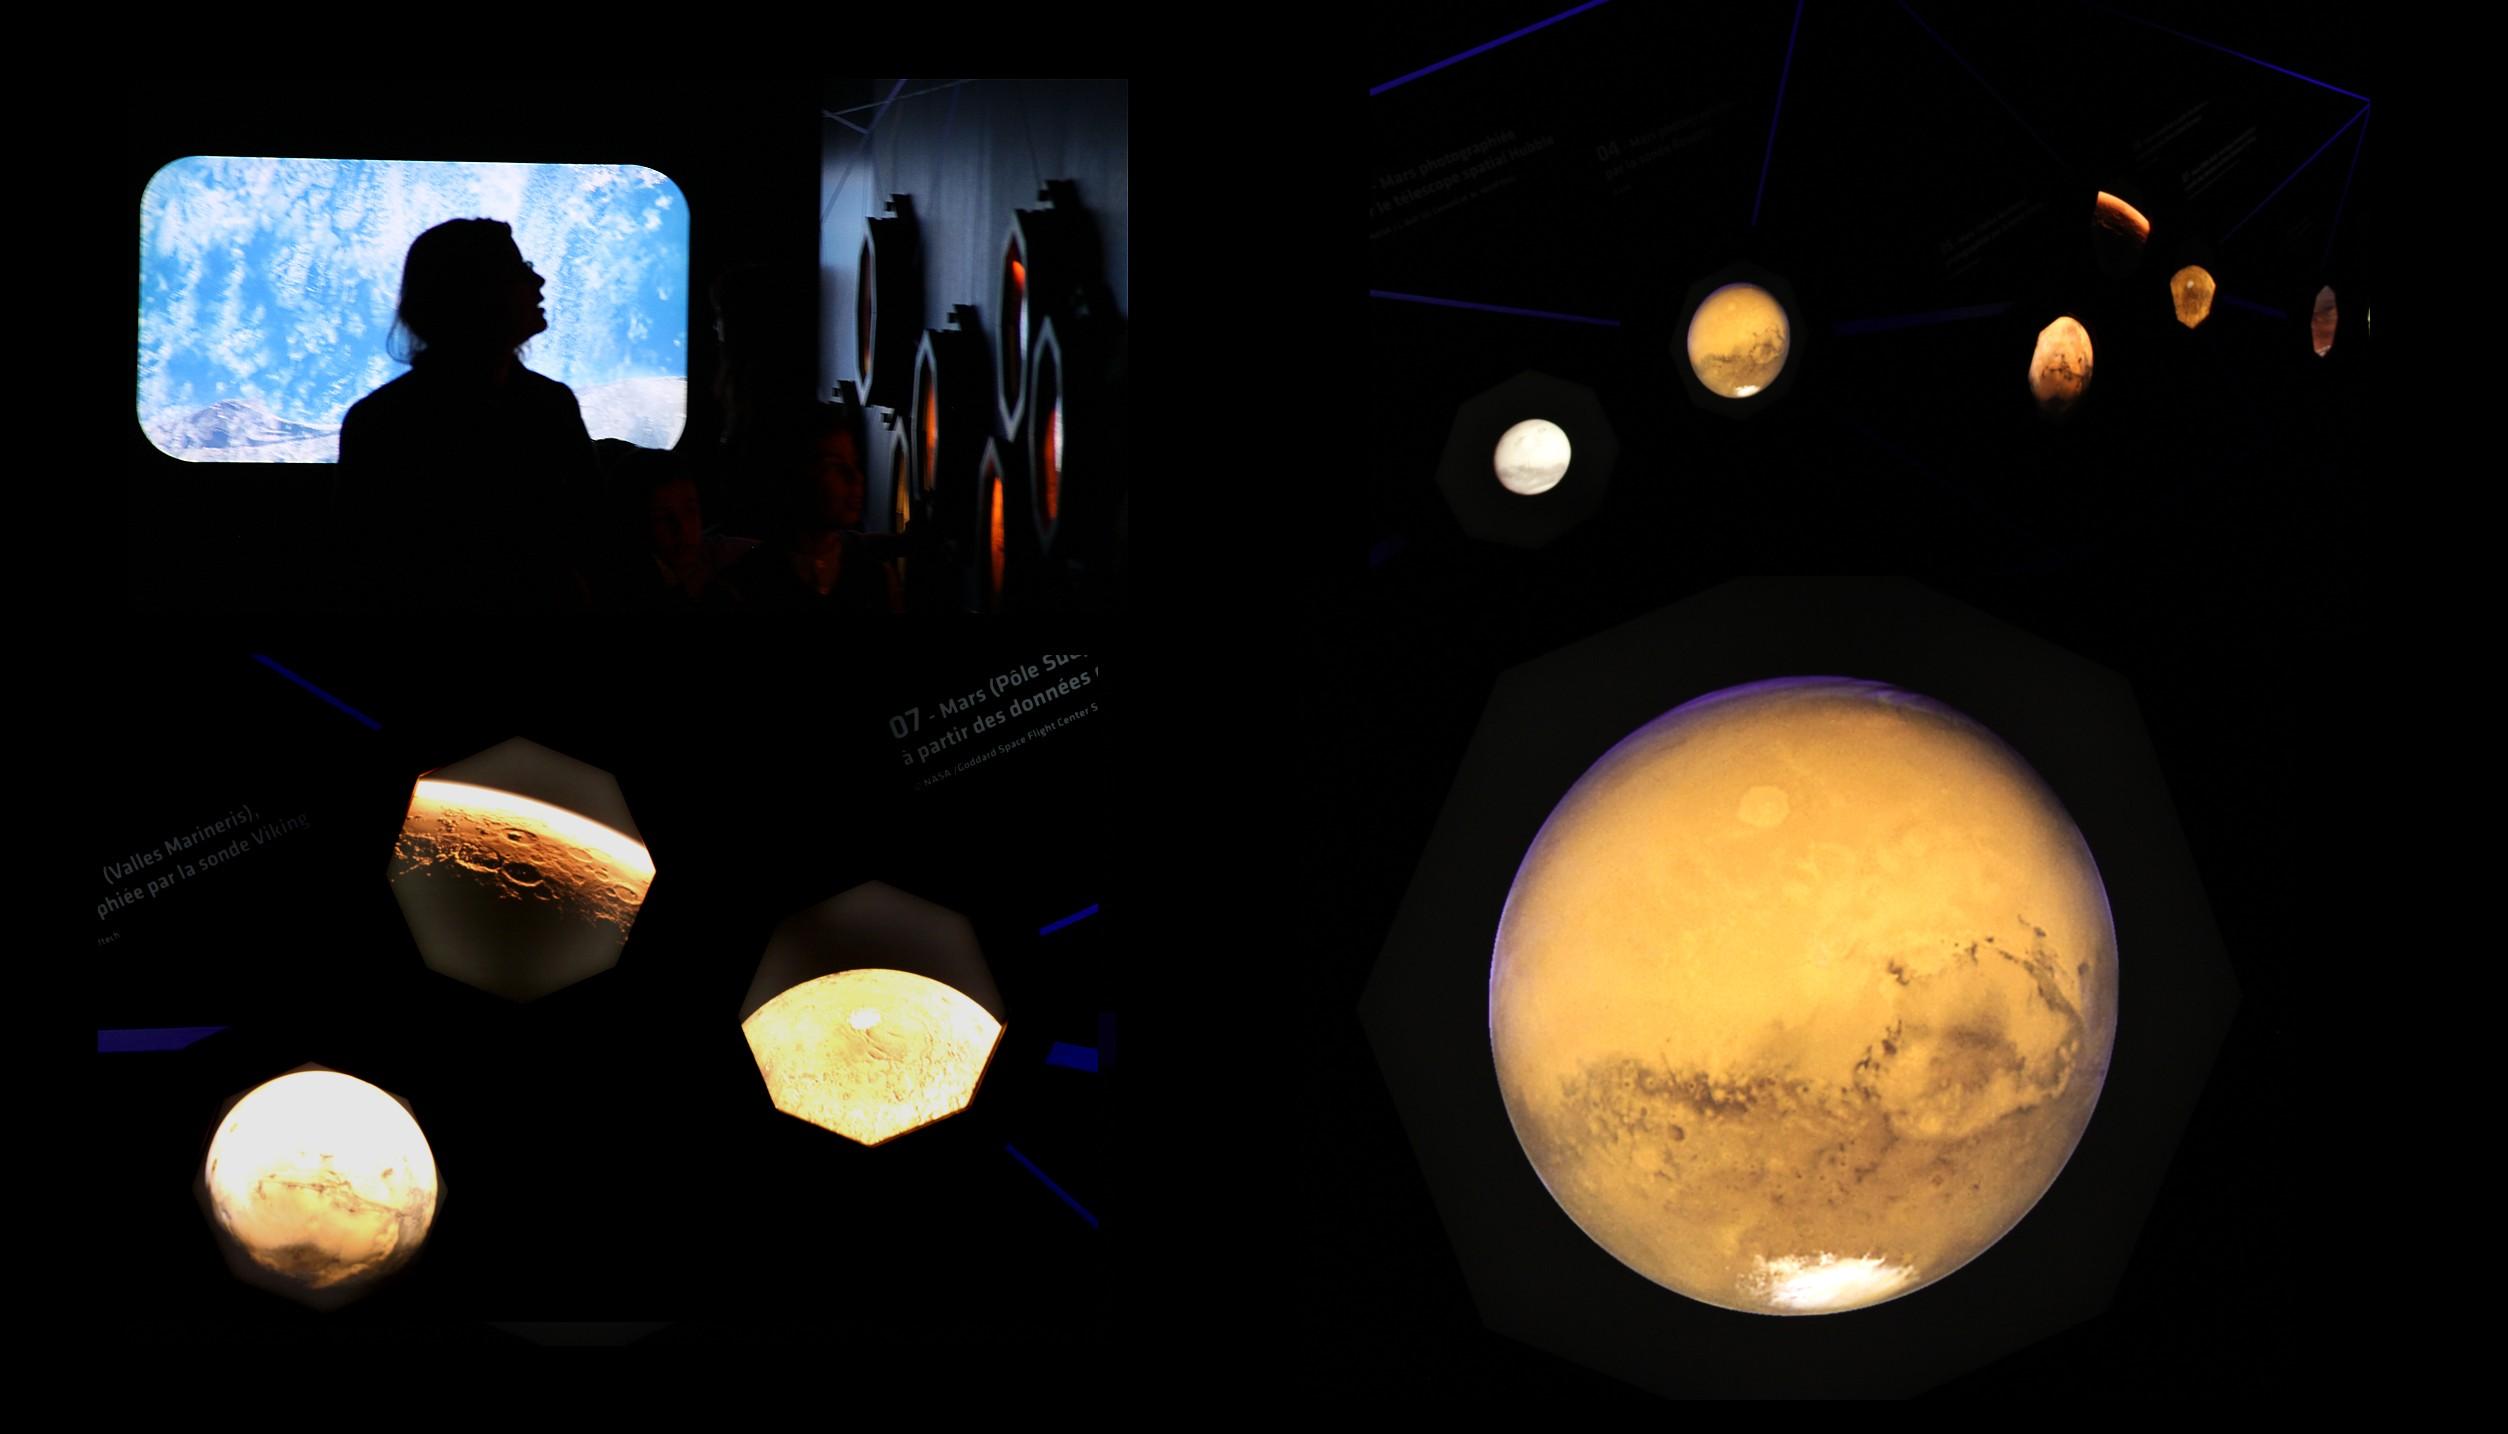 16 02 18 - 15h 38m 39s - Explorez Mars Palais de la Découverte montage